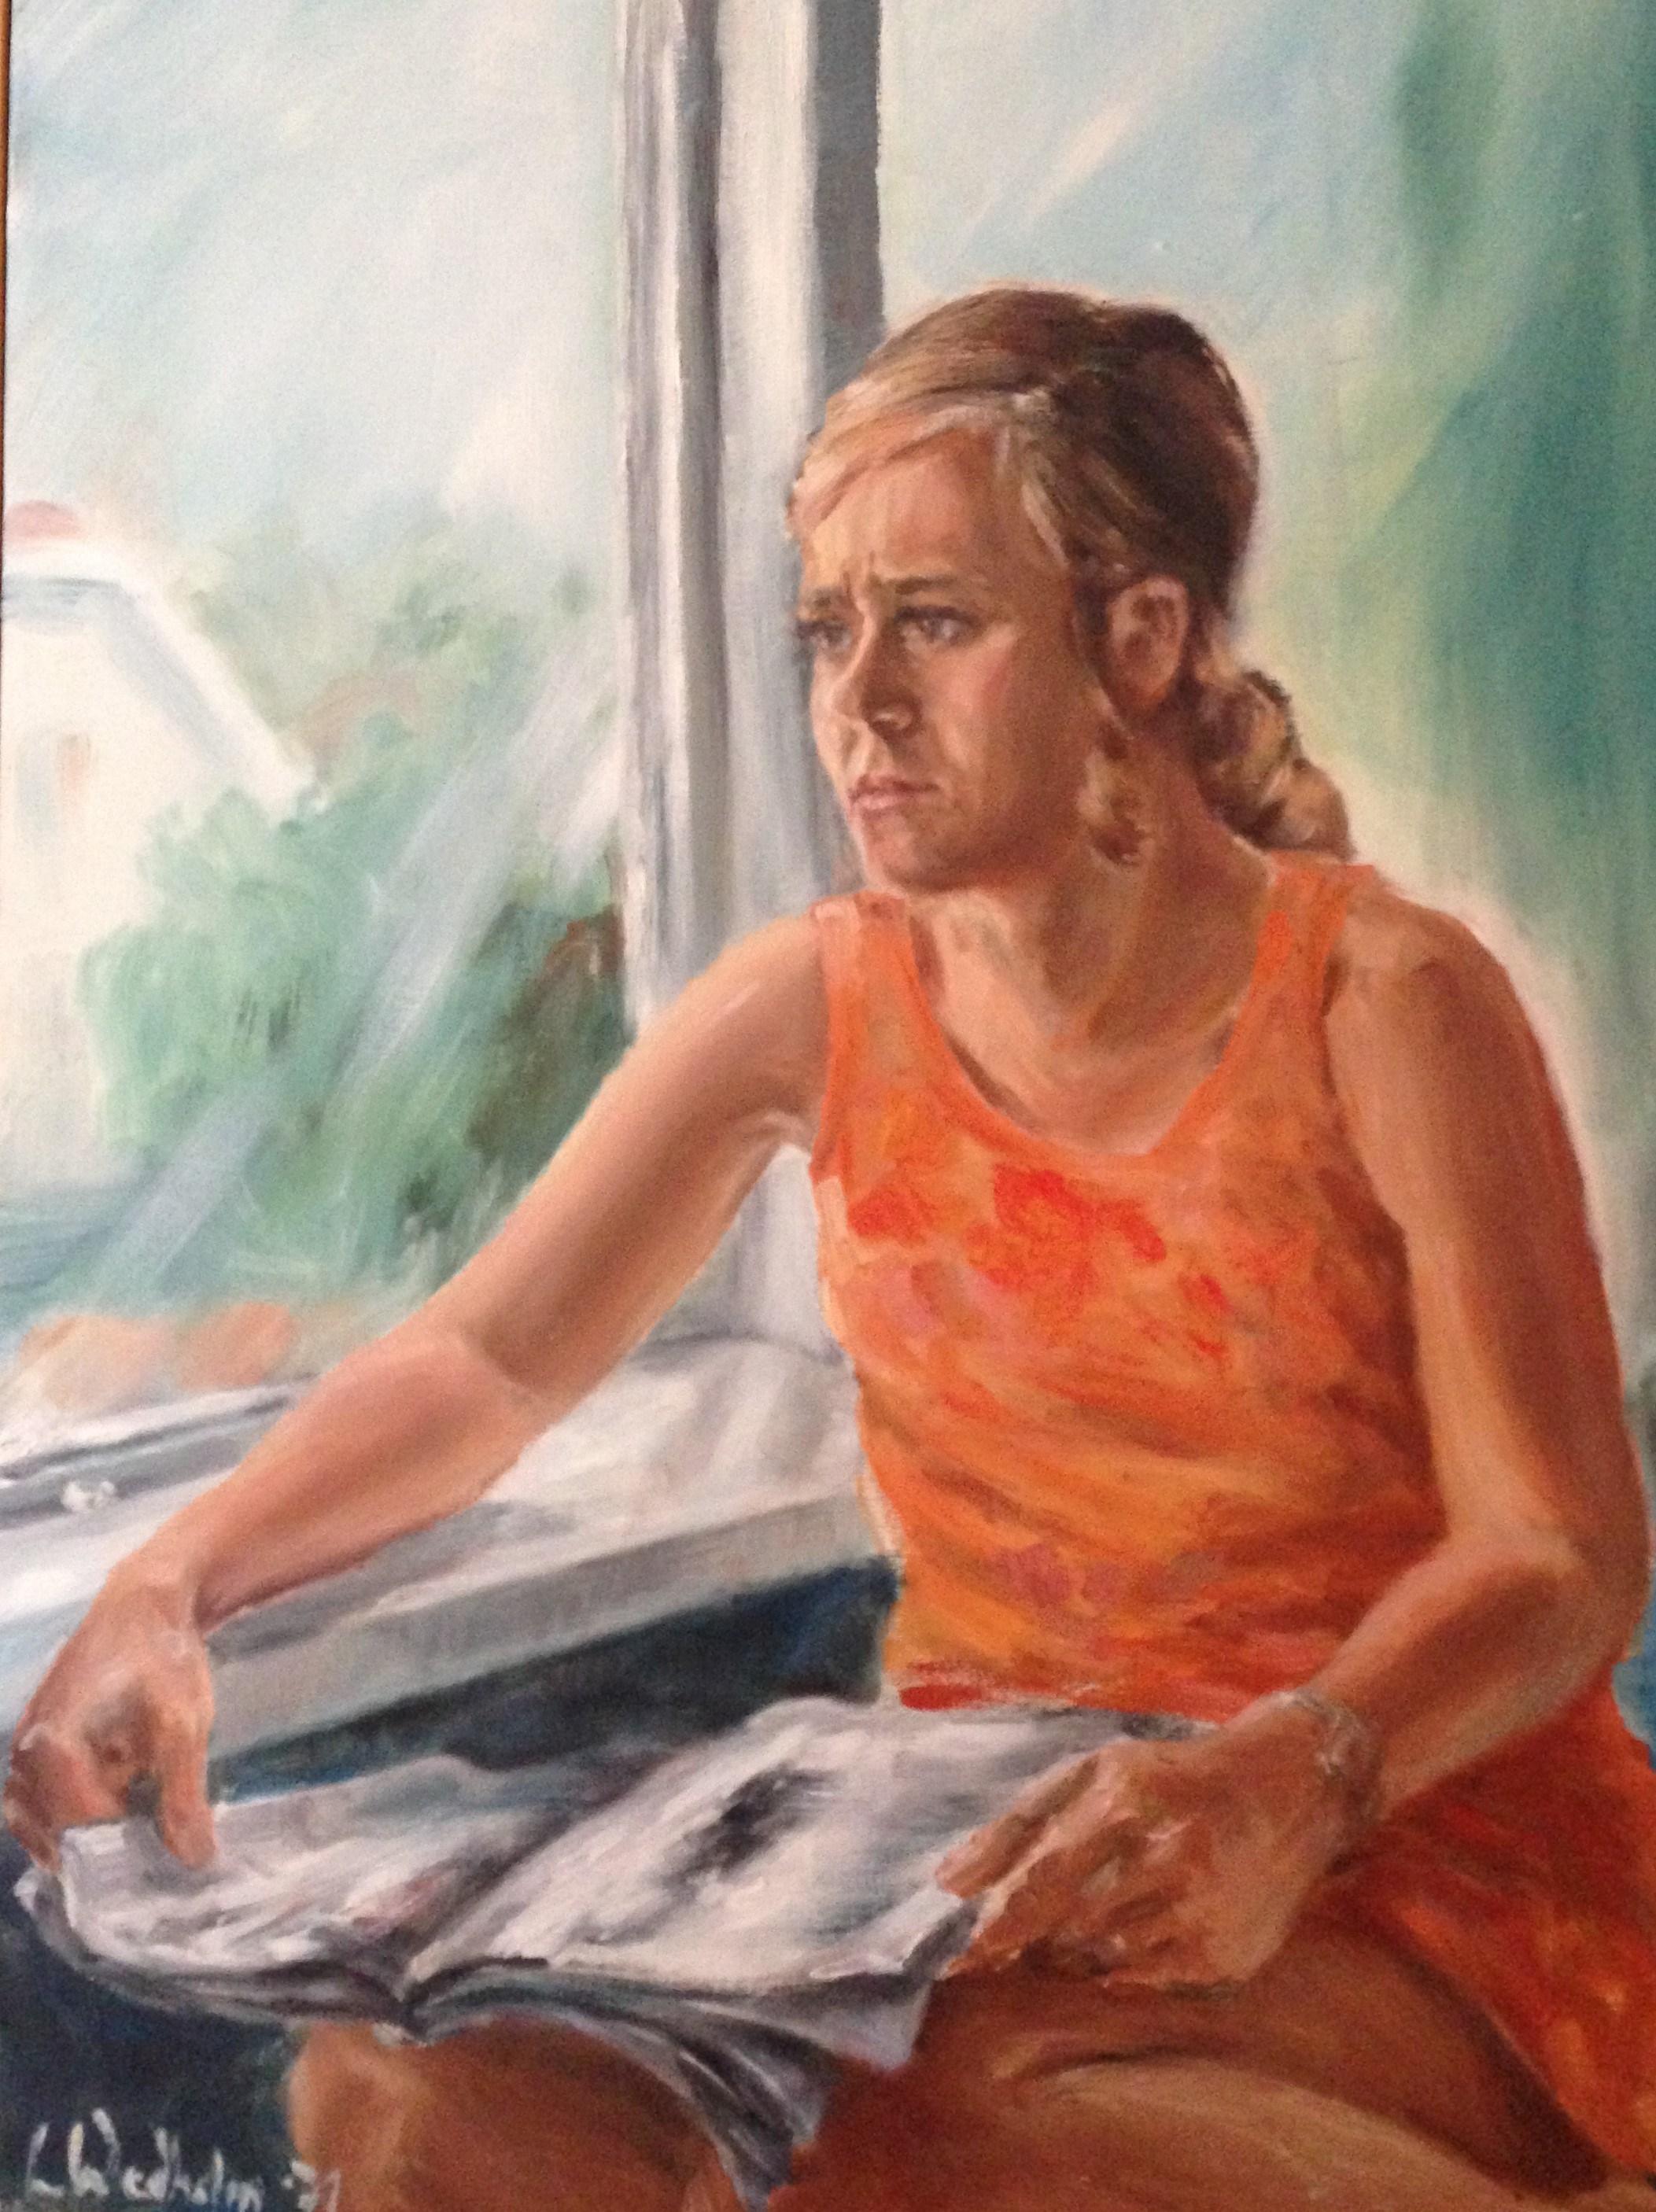 Lena 23